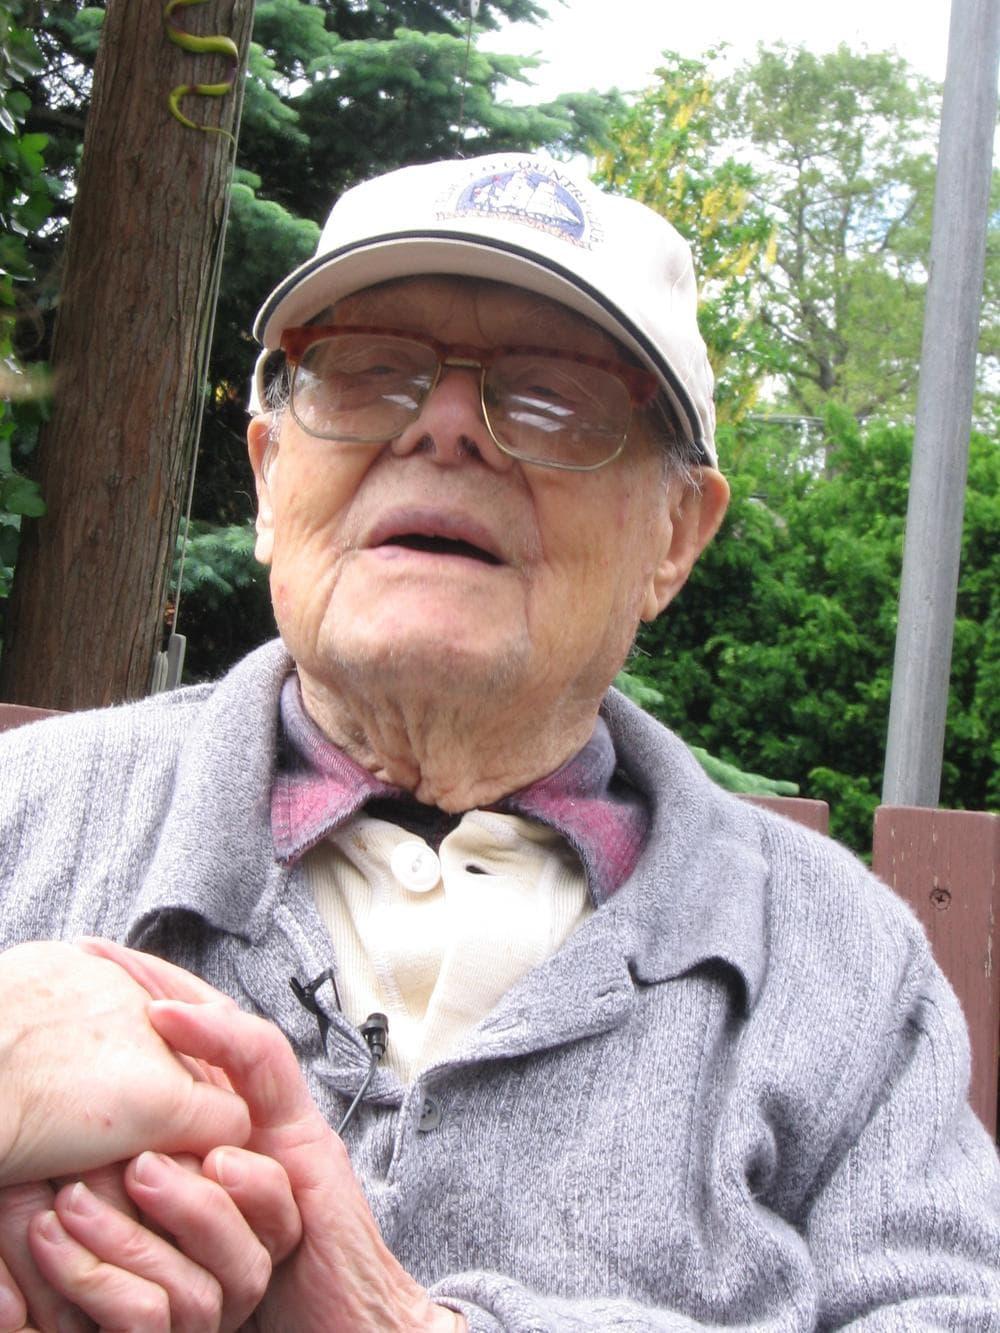 Tony Pierro at the age of 110 (Courtesy Will Everett)